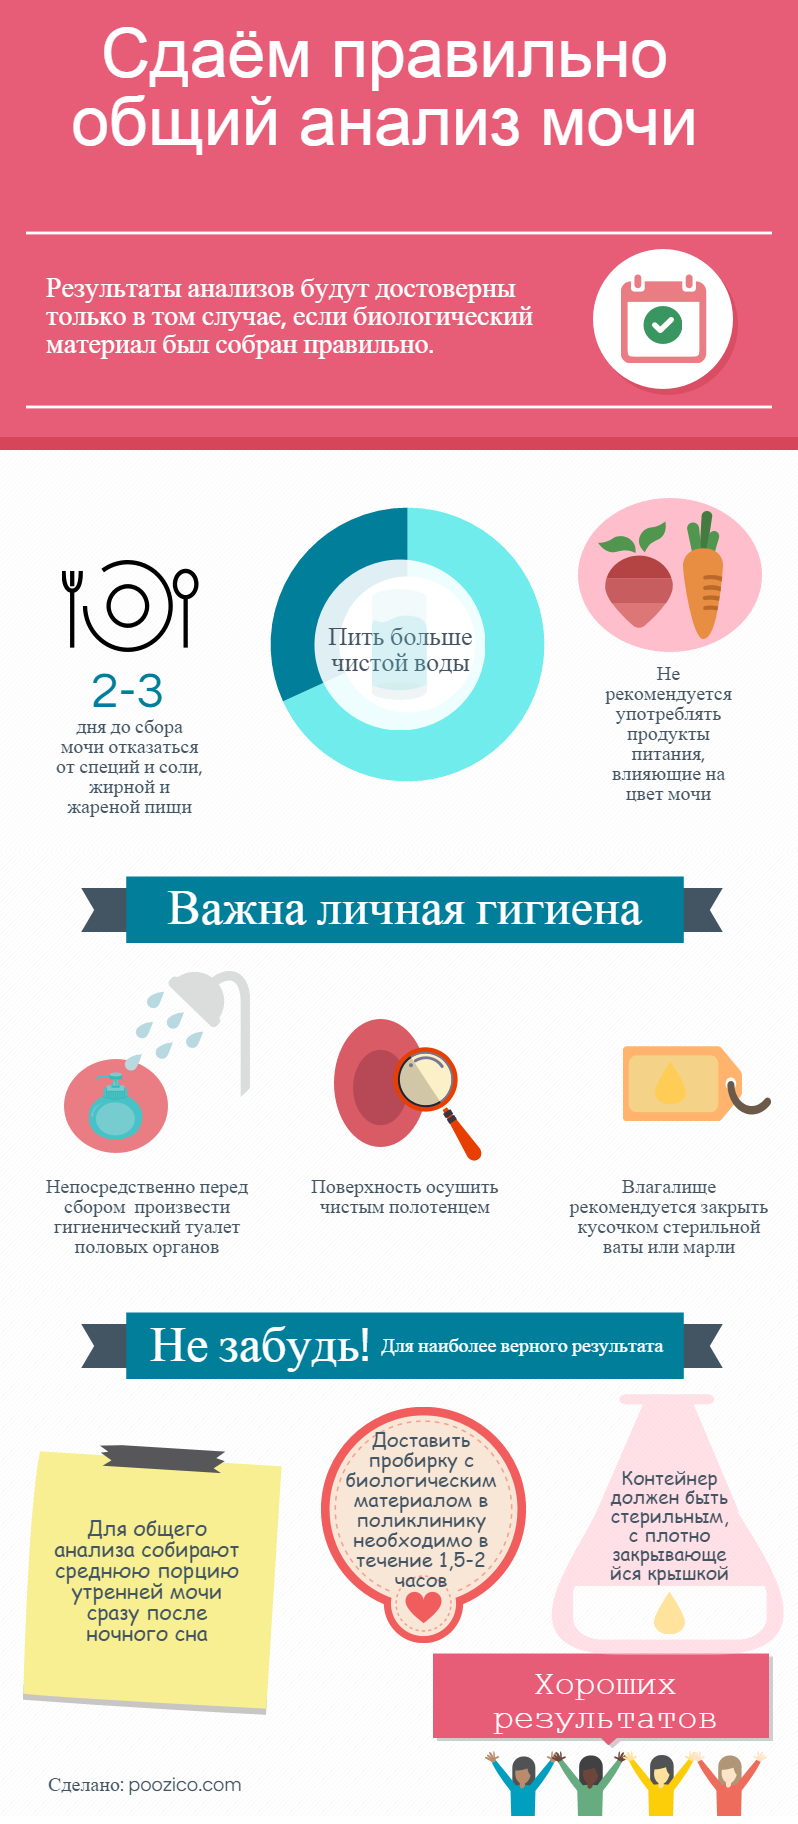 Как сдавать анализ мочи беременной Справка о свободном посещении вуза Черкизовская